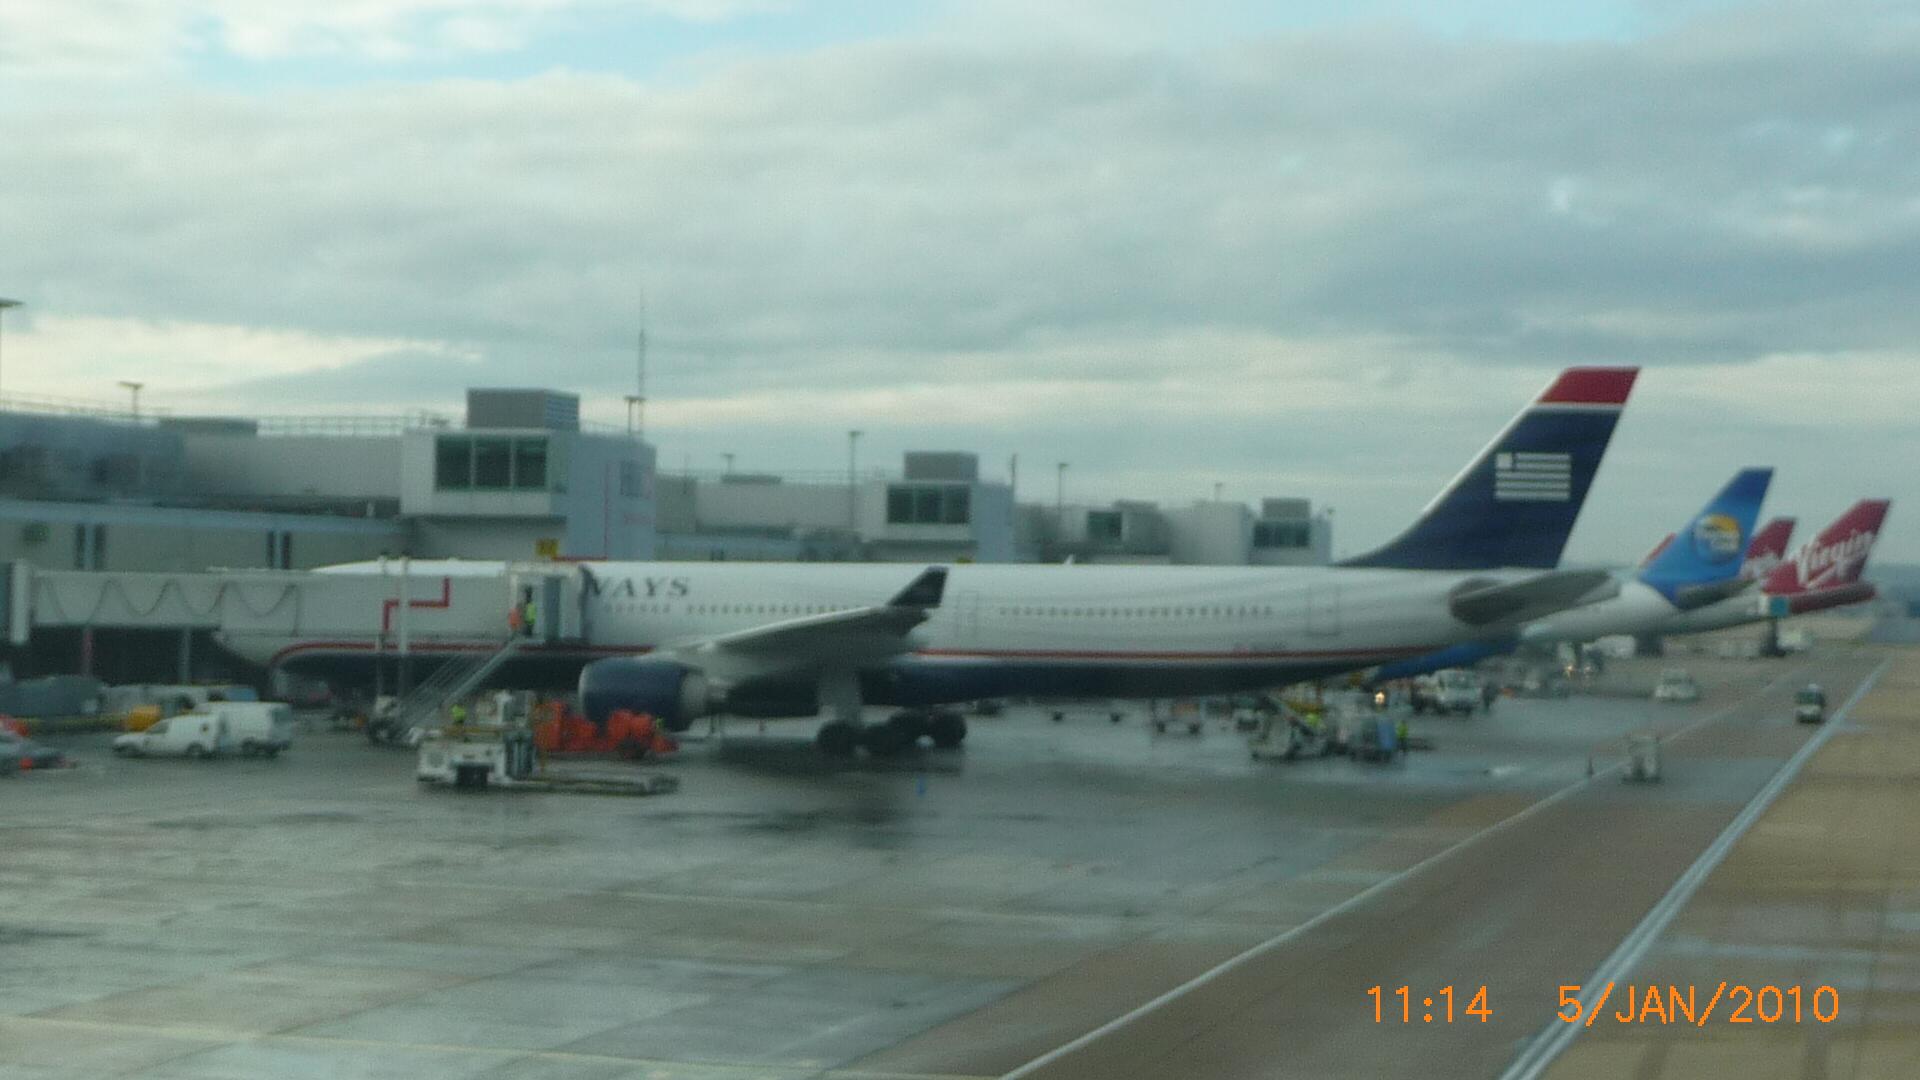 London Gatwick Airport Hotels